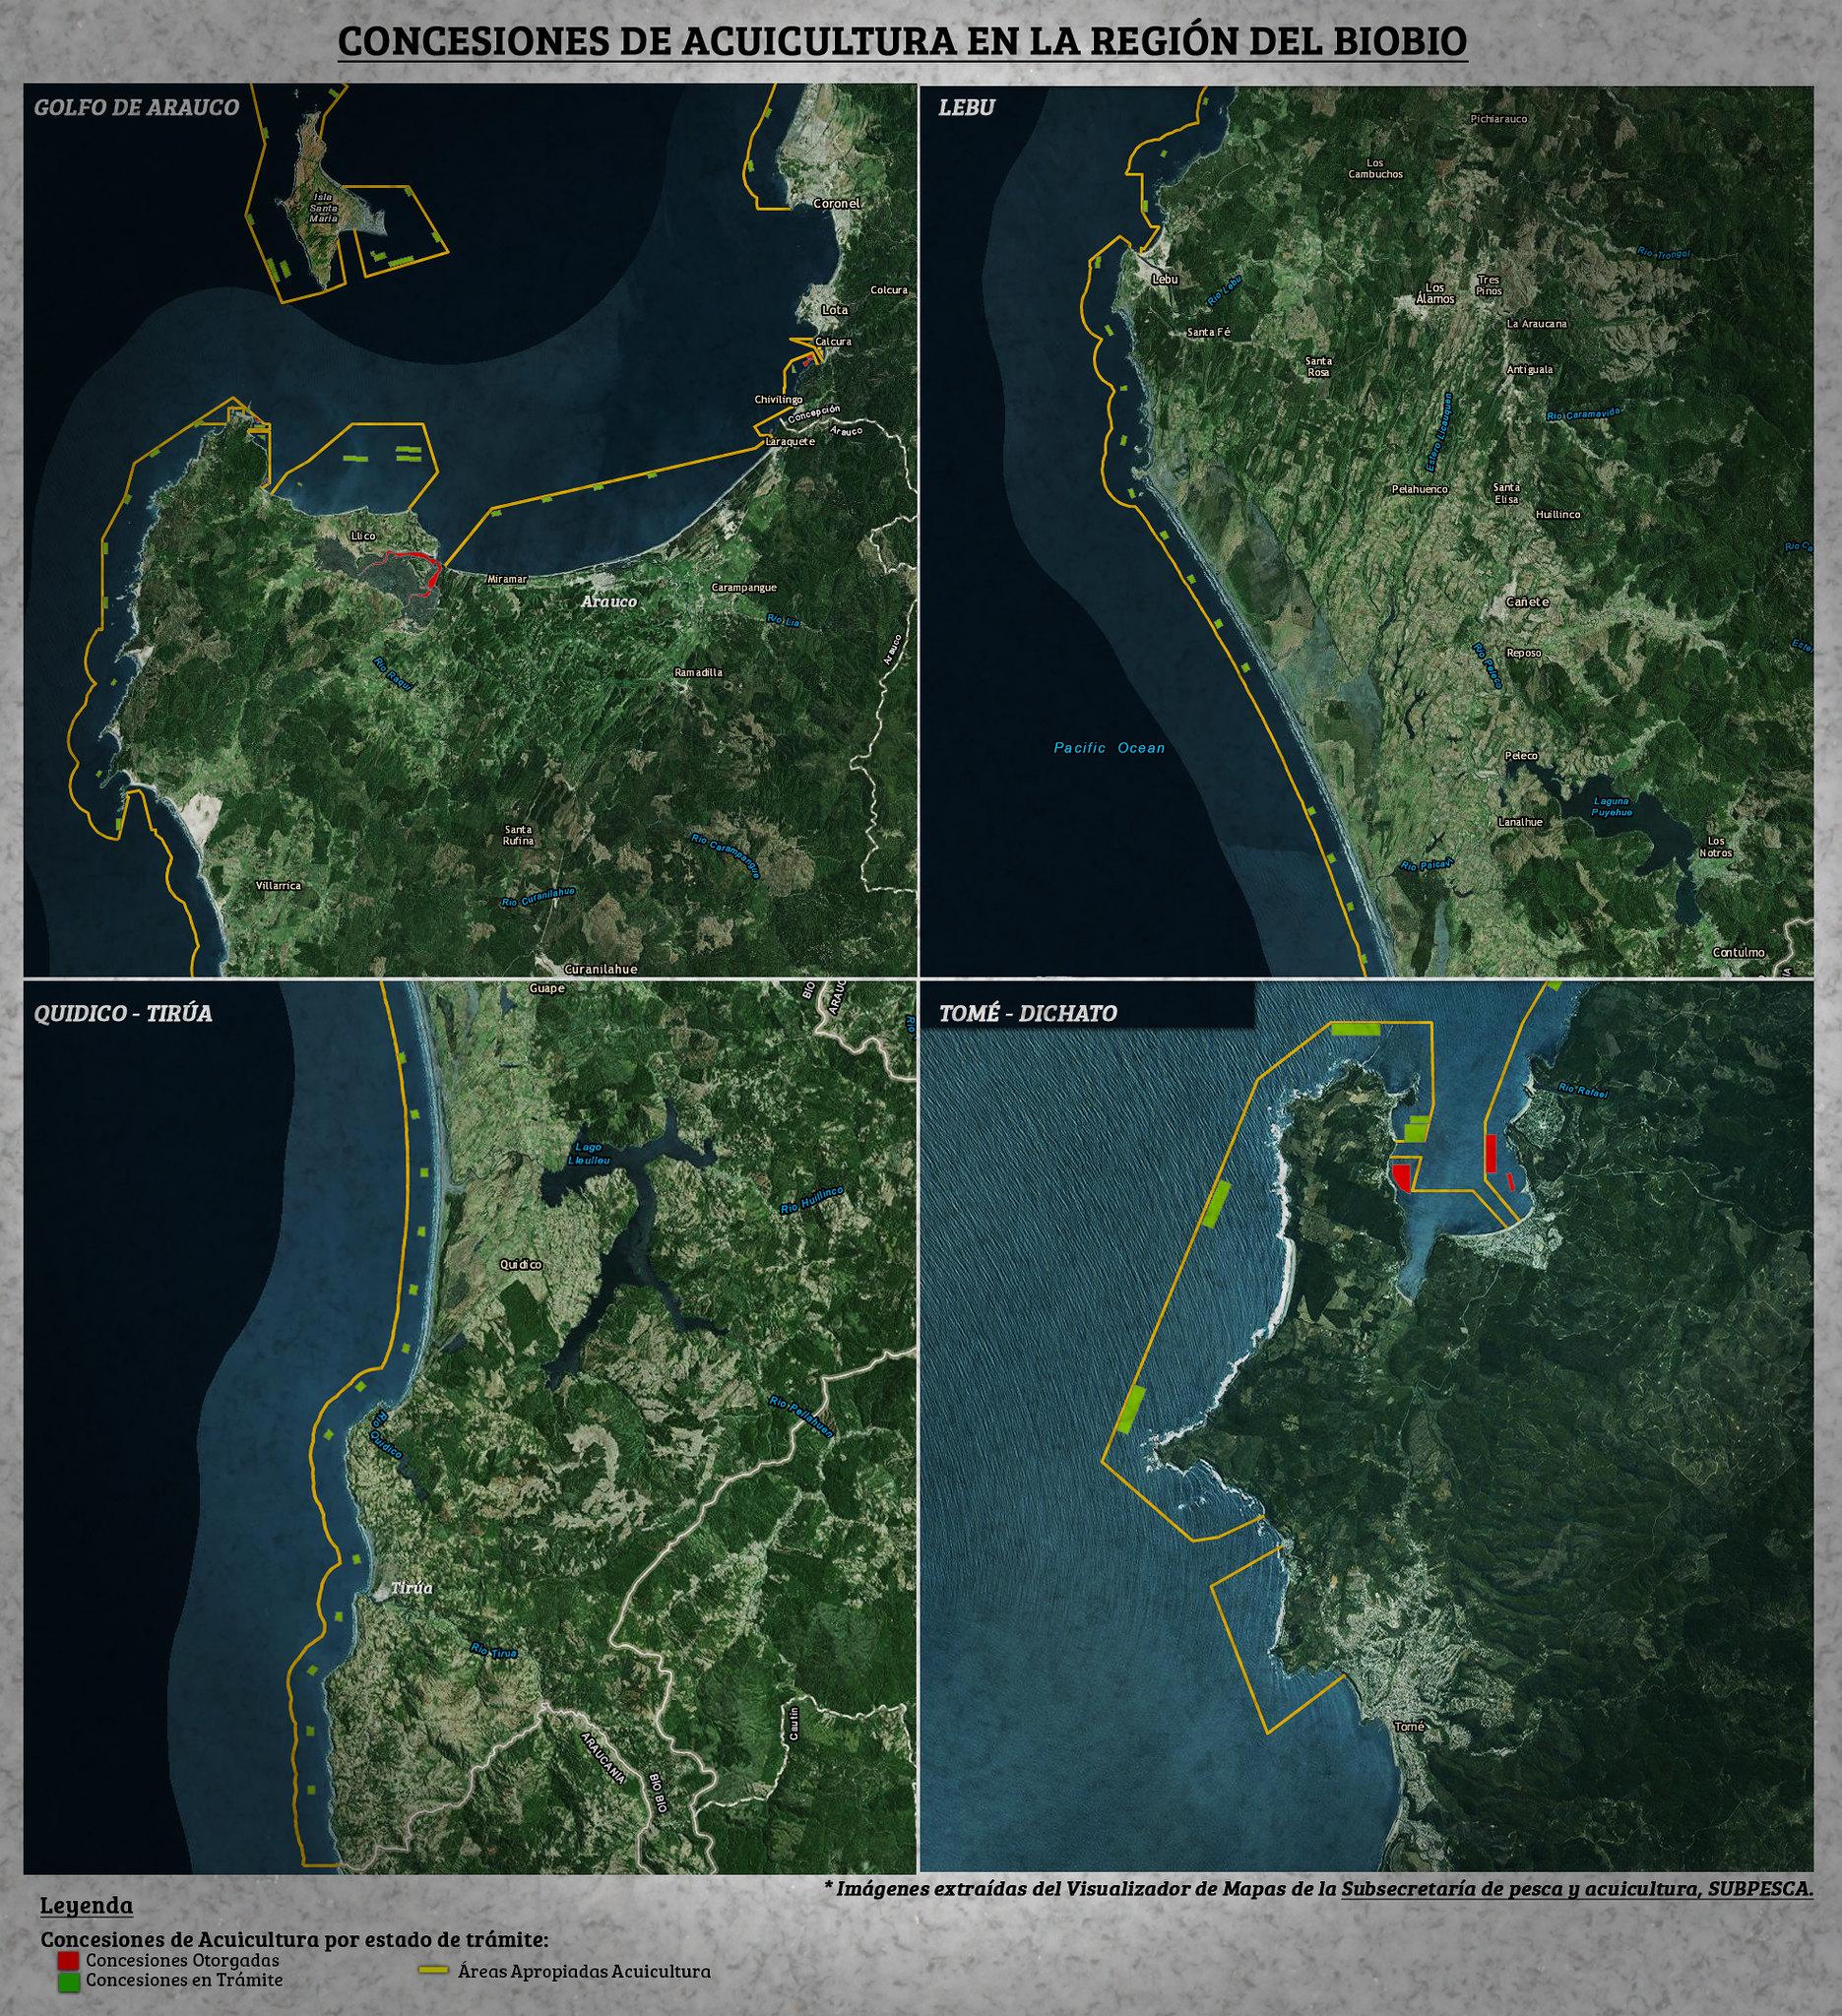 Concesiones acuicultura en la costa de la región del Biobio